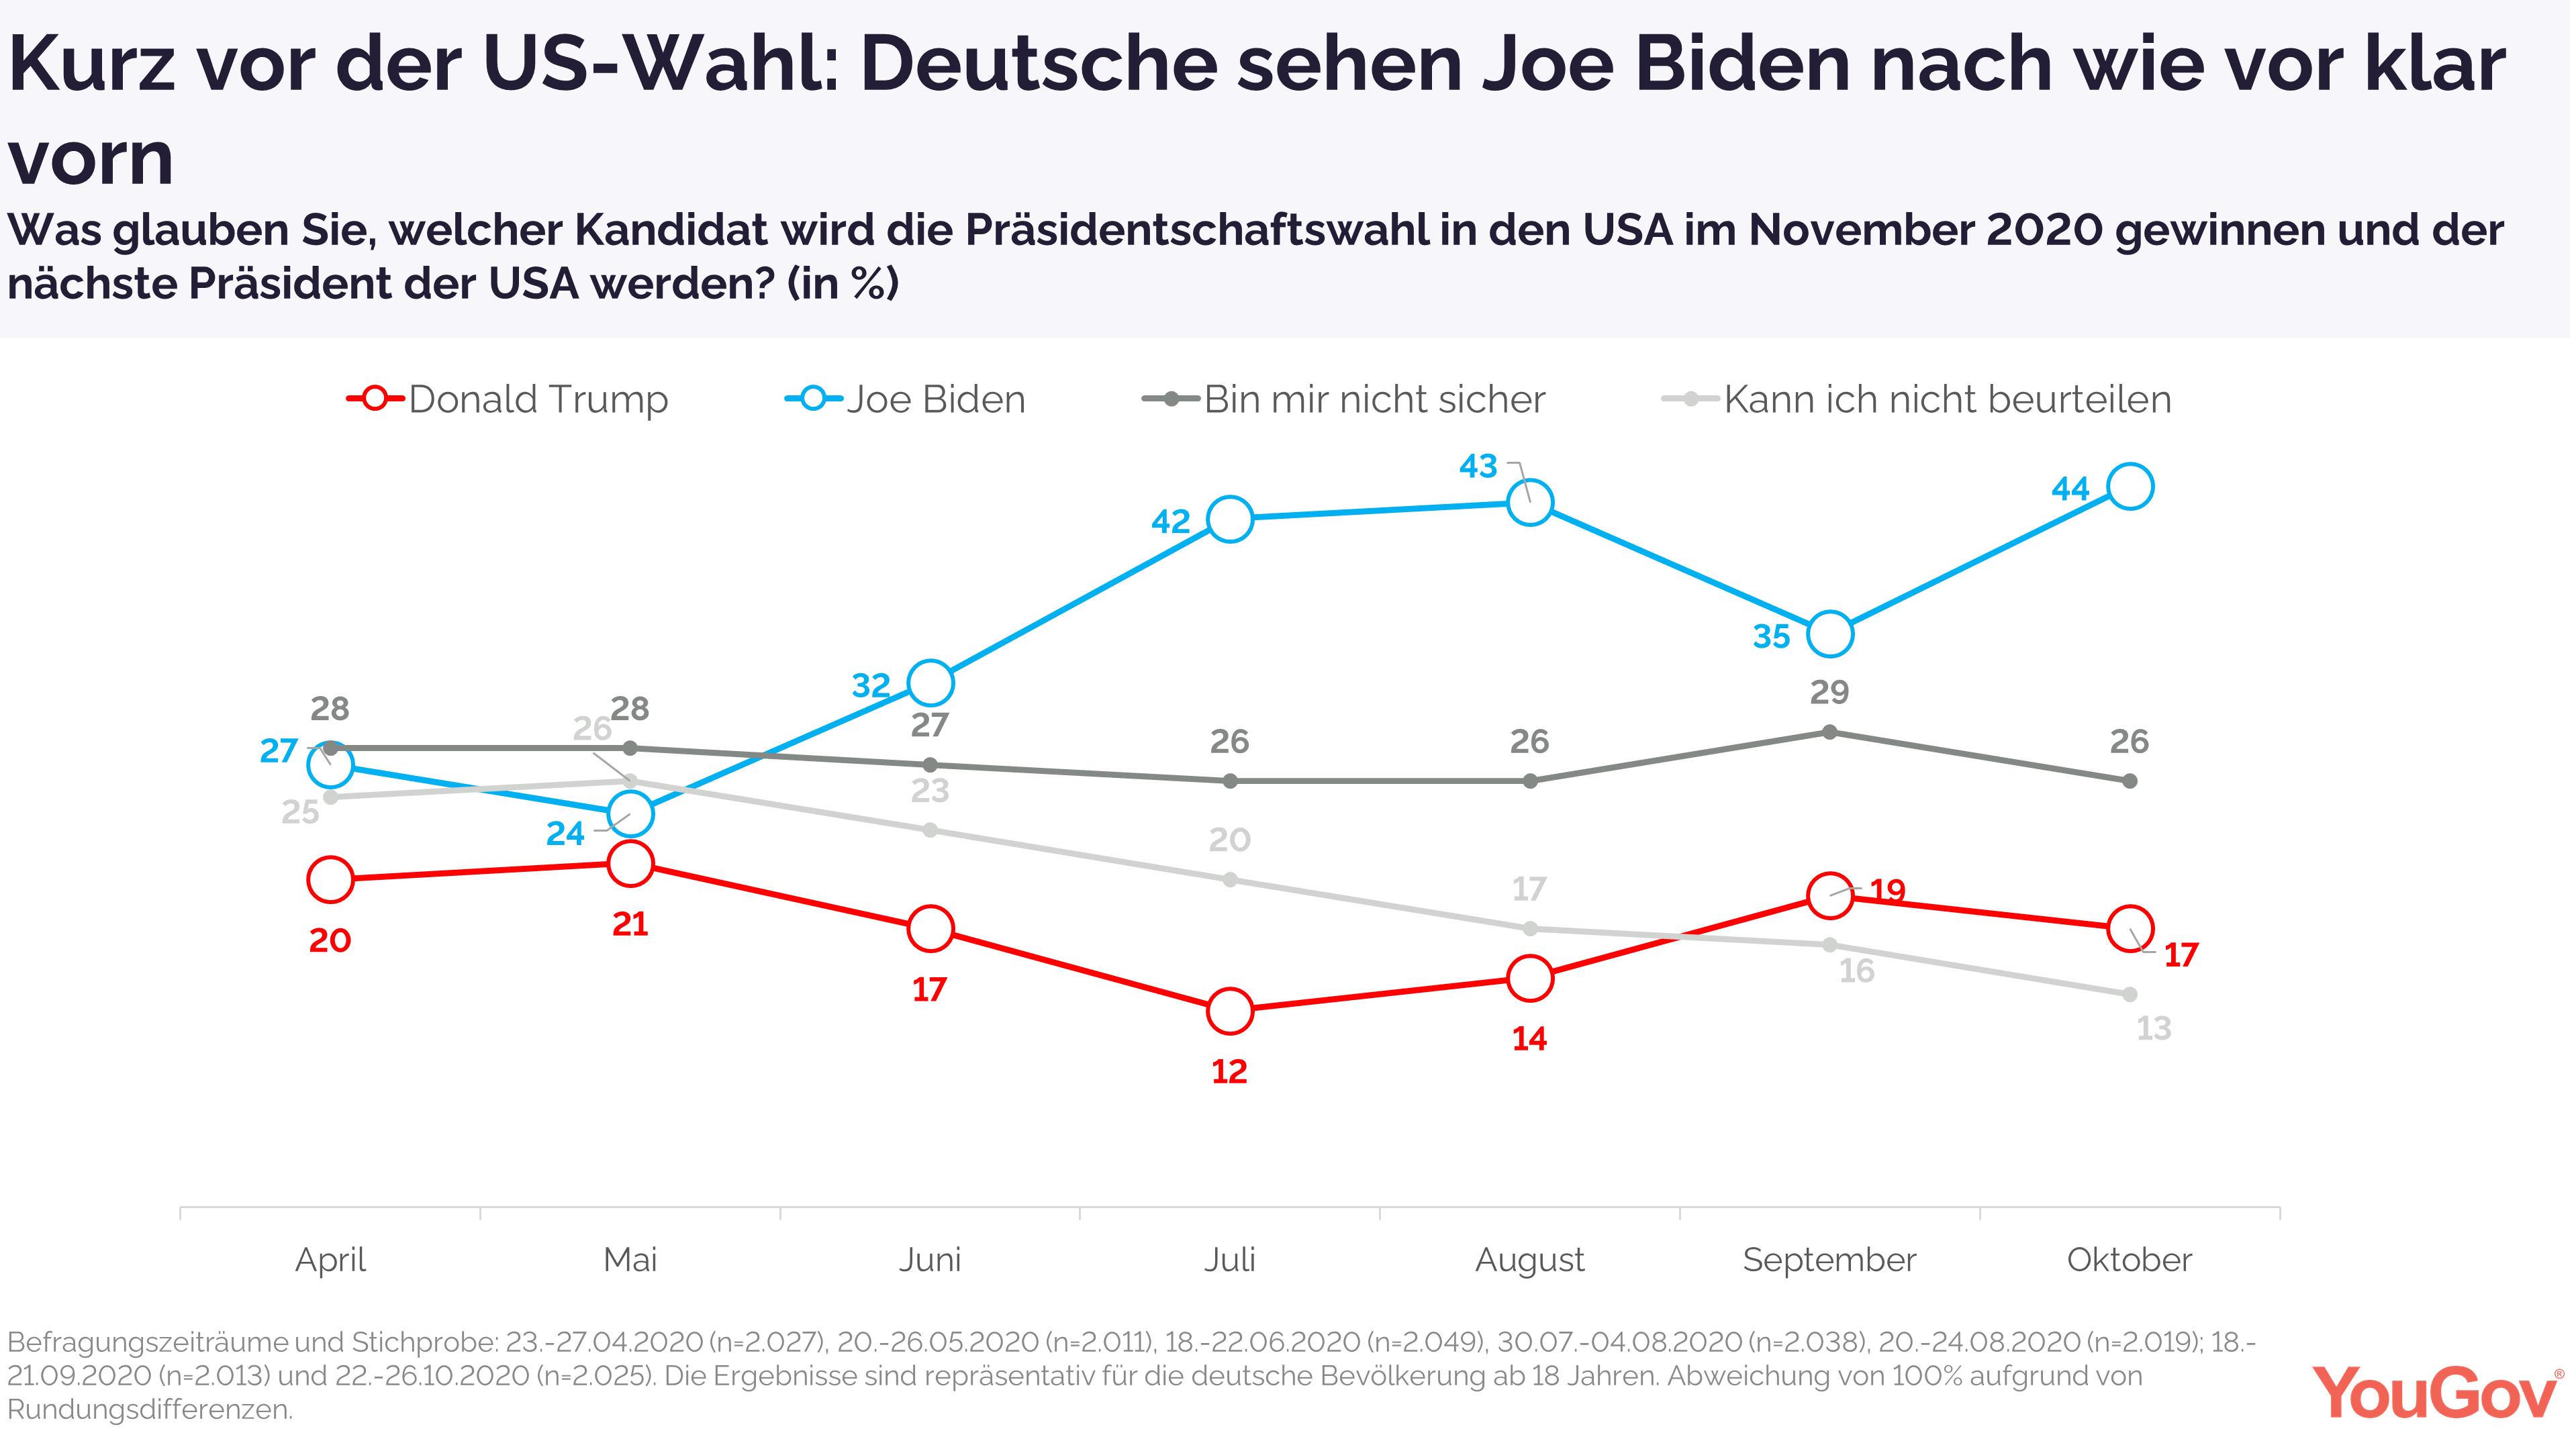 Deutsche sehen Joe Biden nach wie vor klar vorn